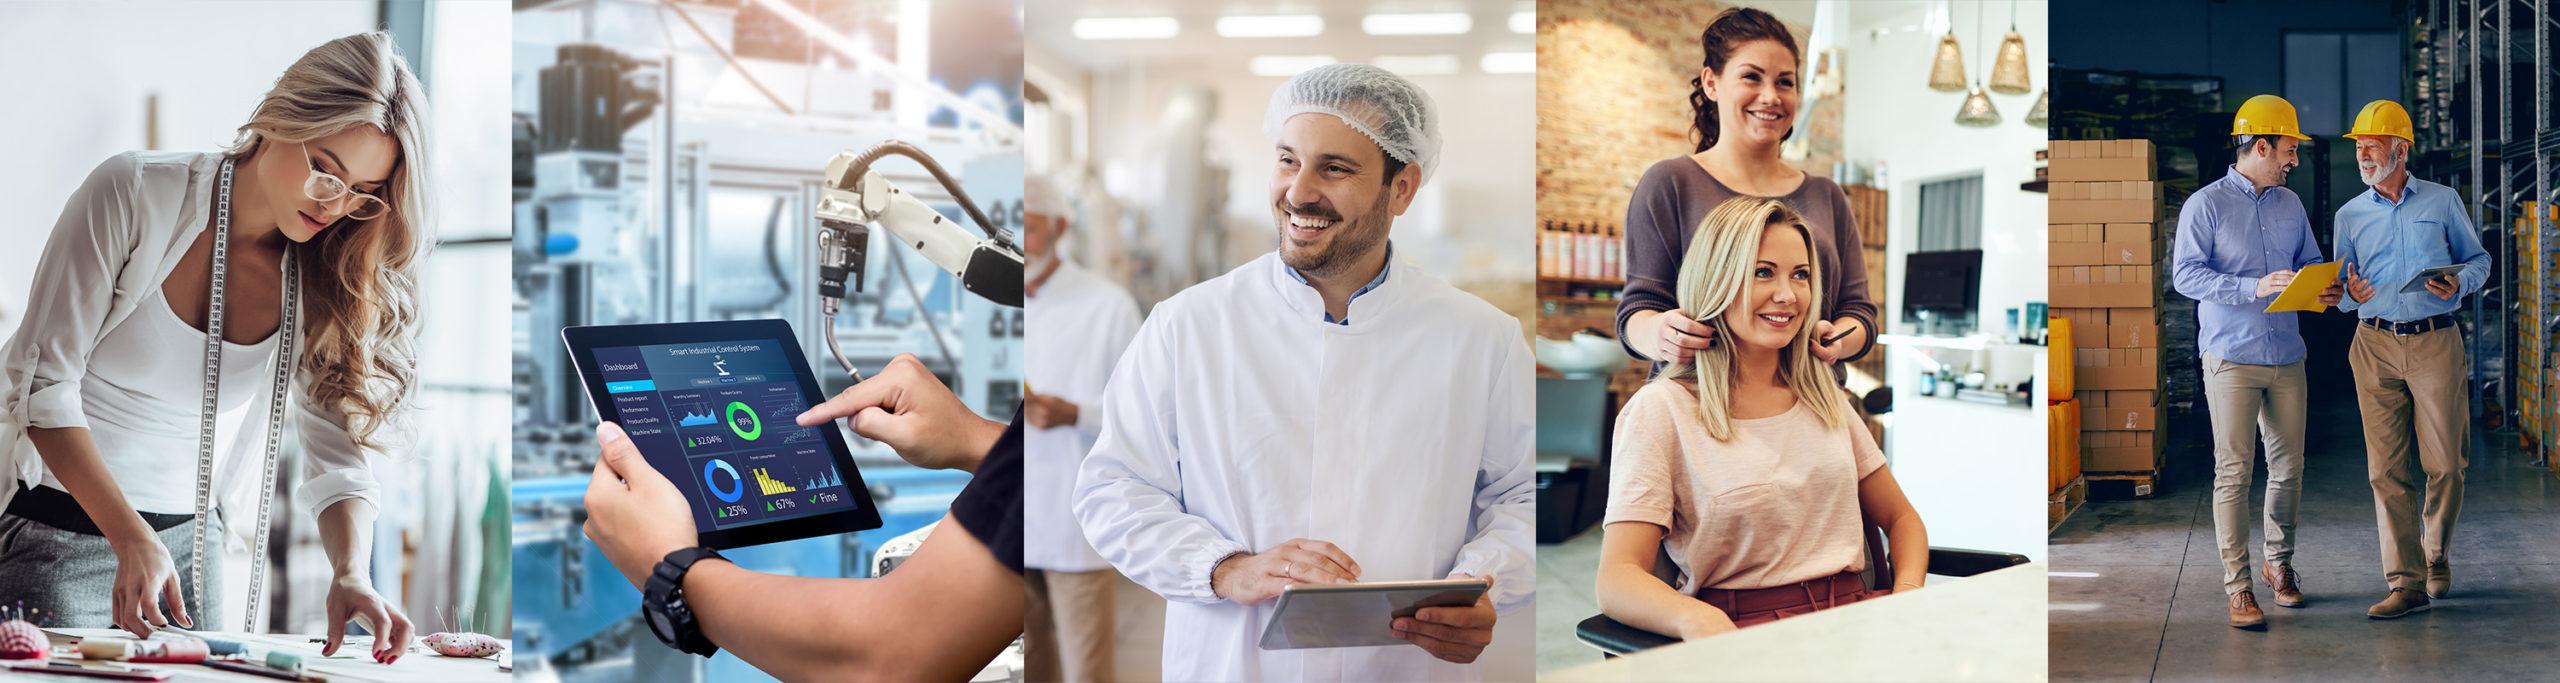 Businessfotografie - Menschen und Berufe